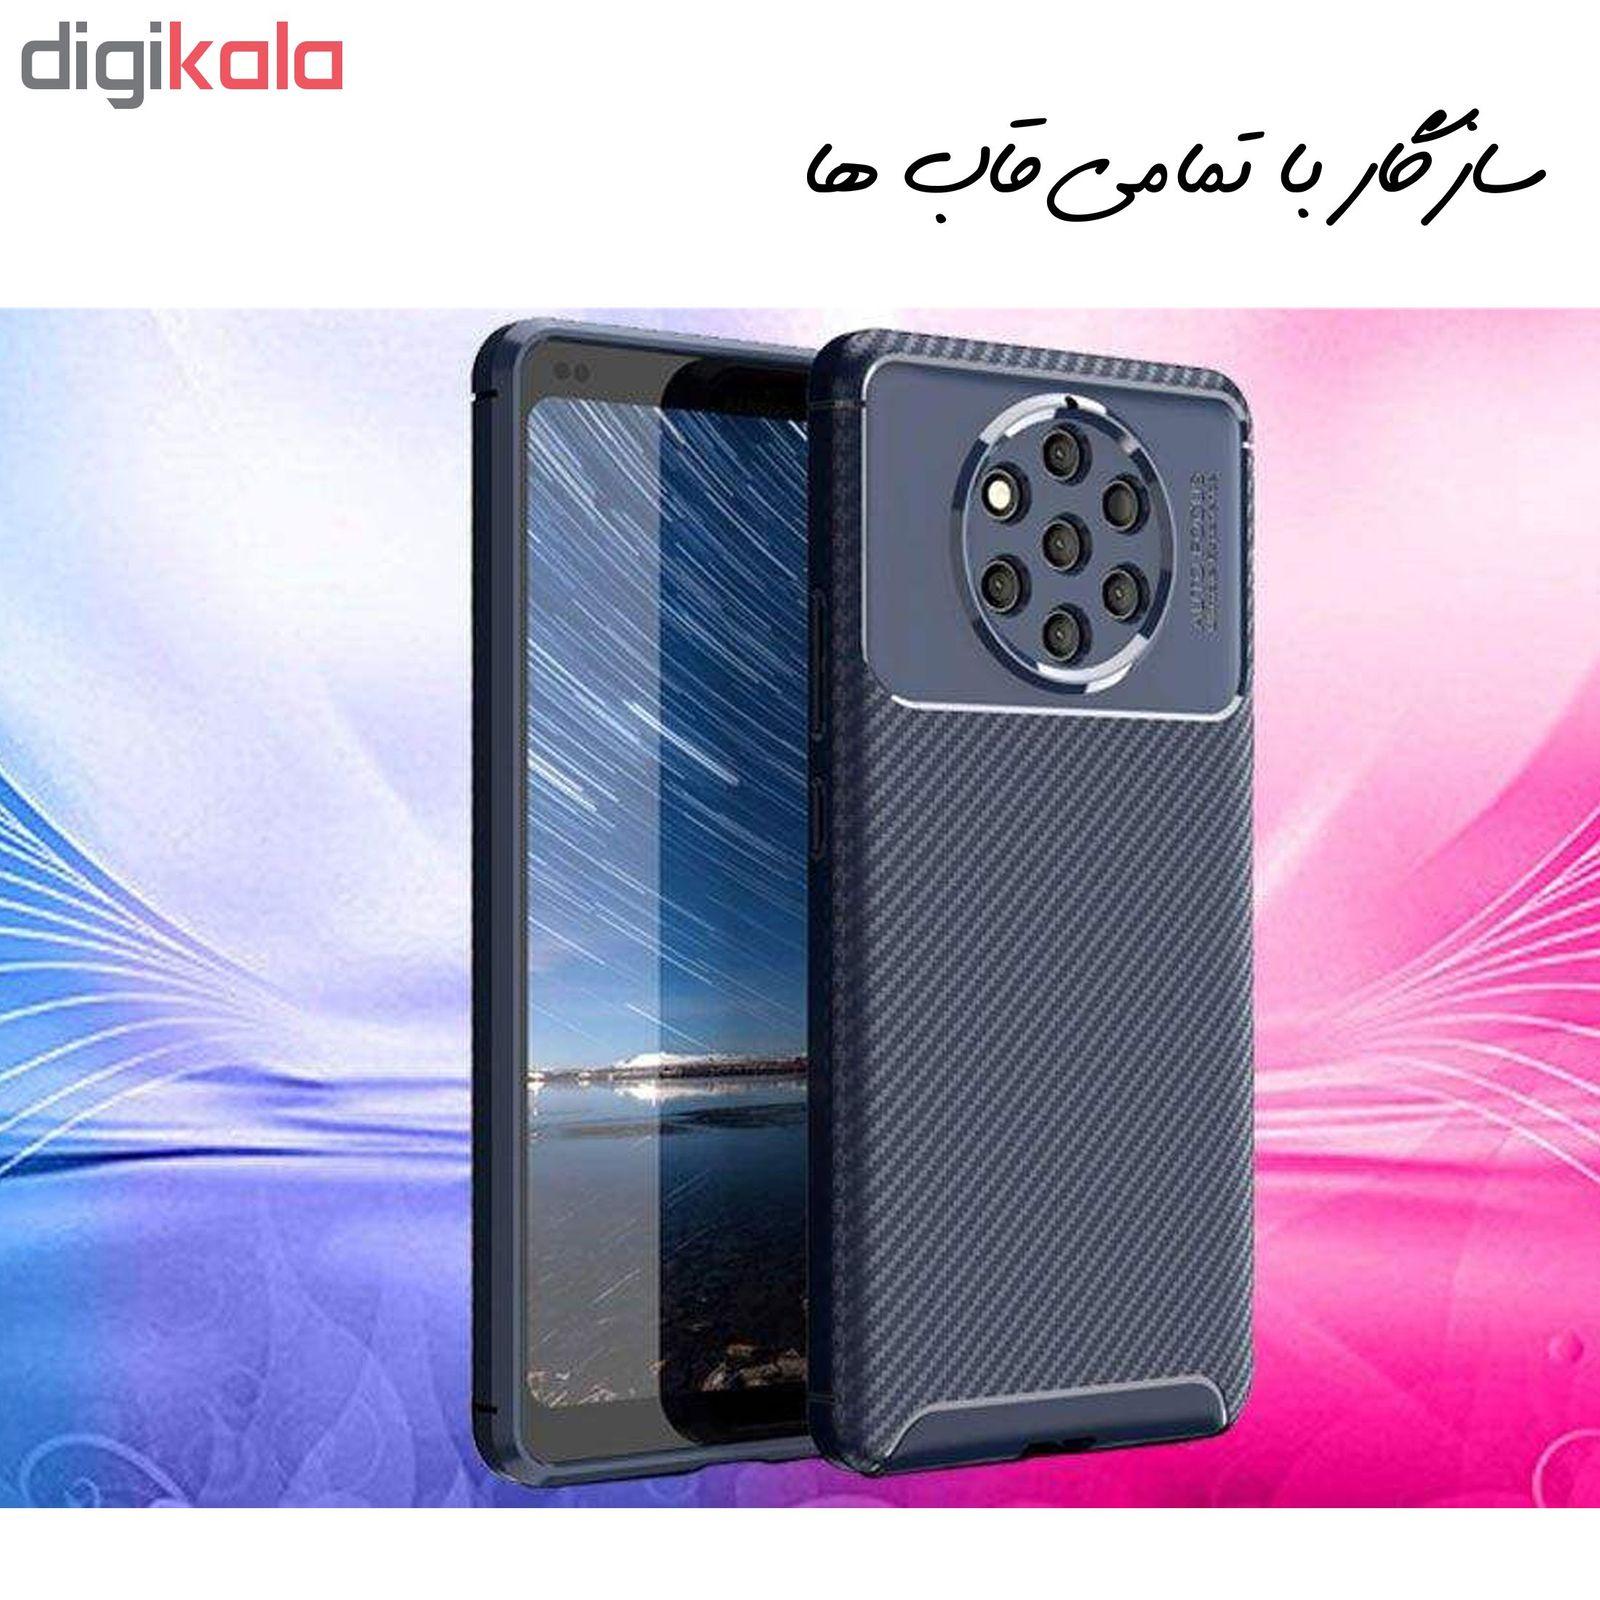 محافظ صفحه نمایش مات Hard and Thick  مدل F-01 مناسب برای گوشی موبایل اپل Iphone 11 pro  main 1 5